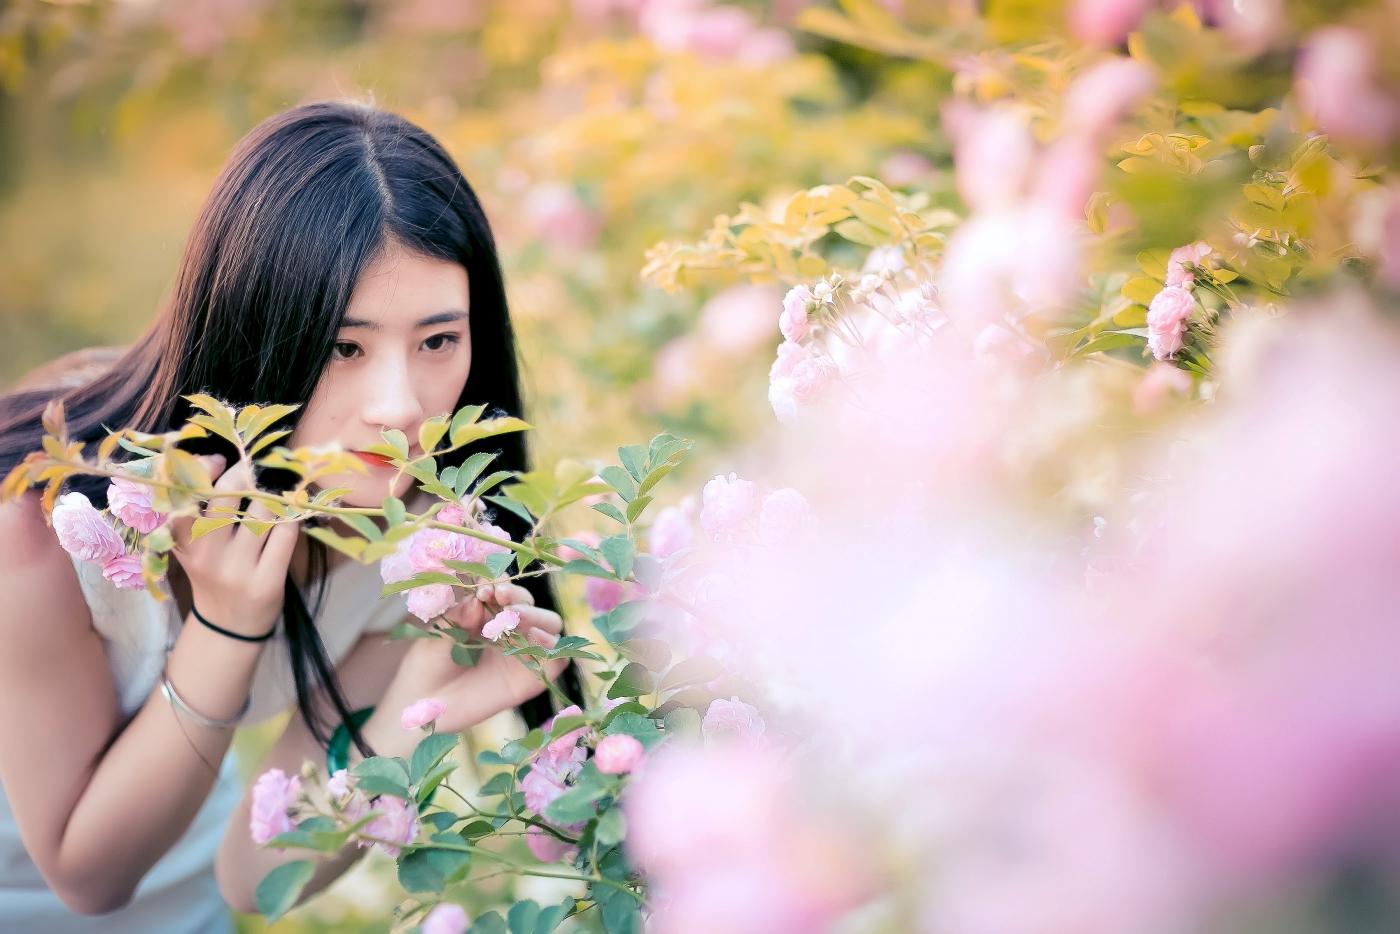 临沂大学有这么一道美丽的蔷薇长廊 当蔷薇MM王璐在她面前走过 ..._图1-20